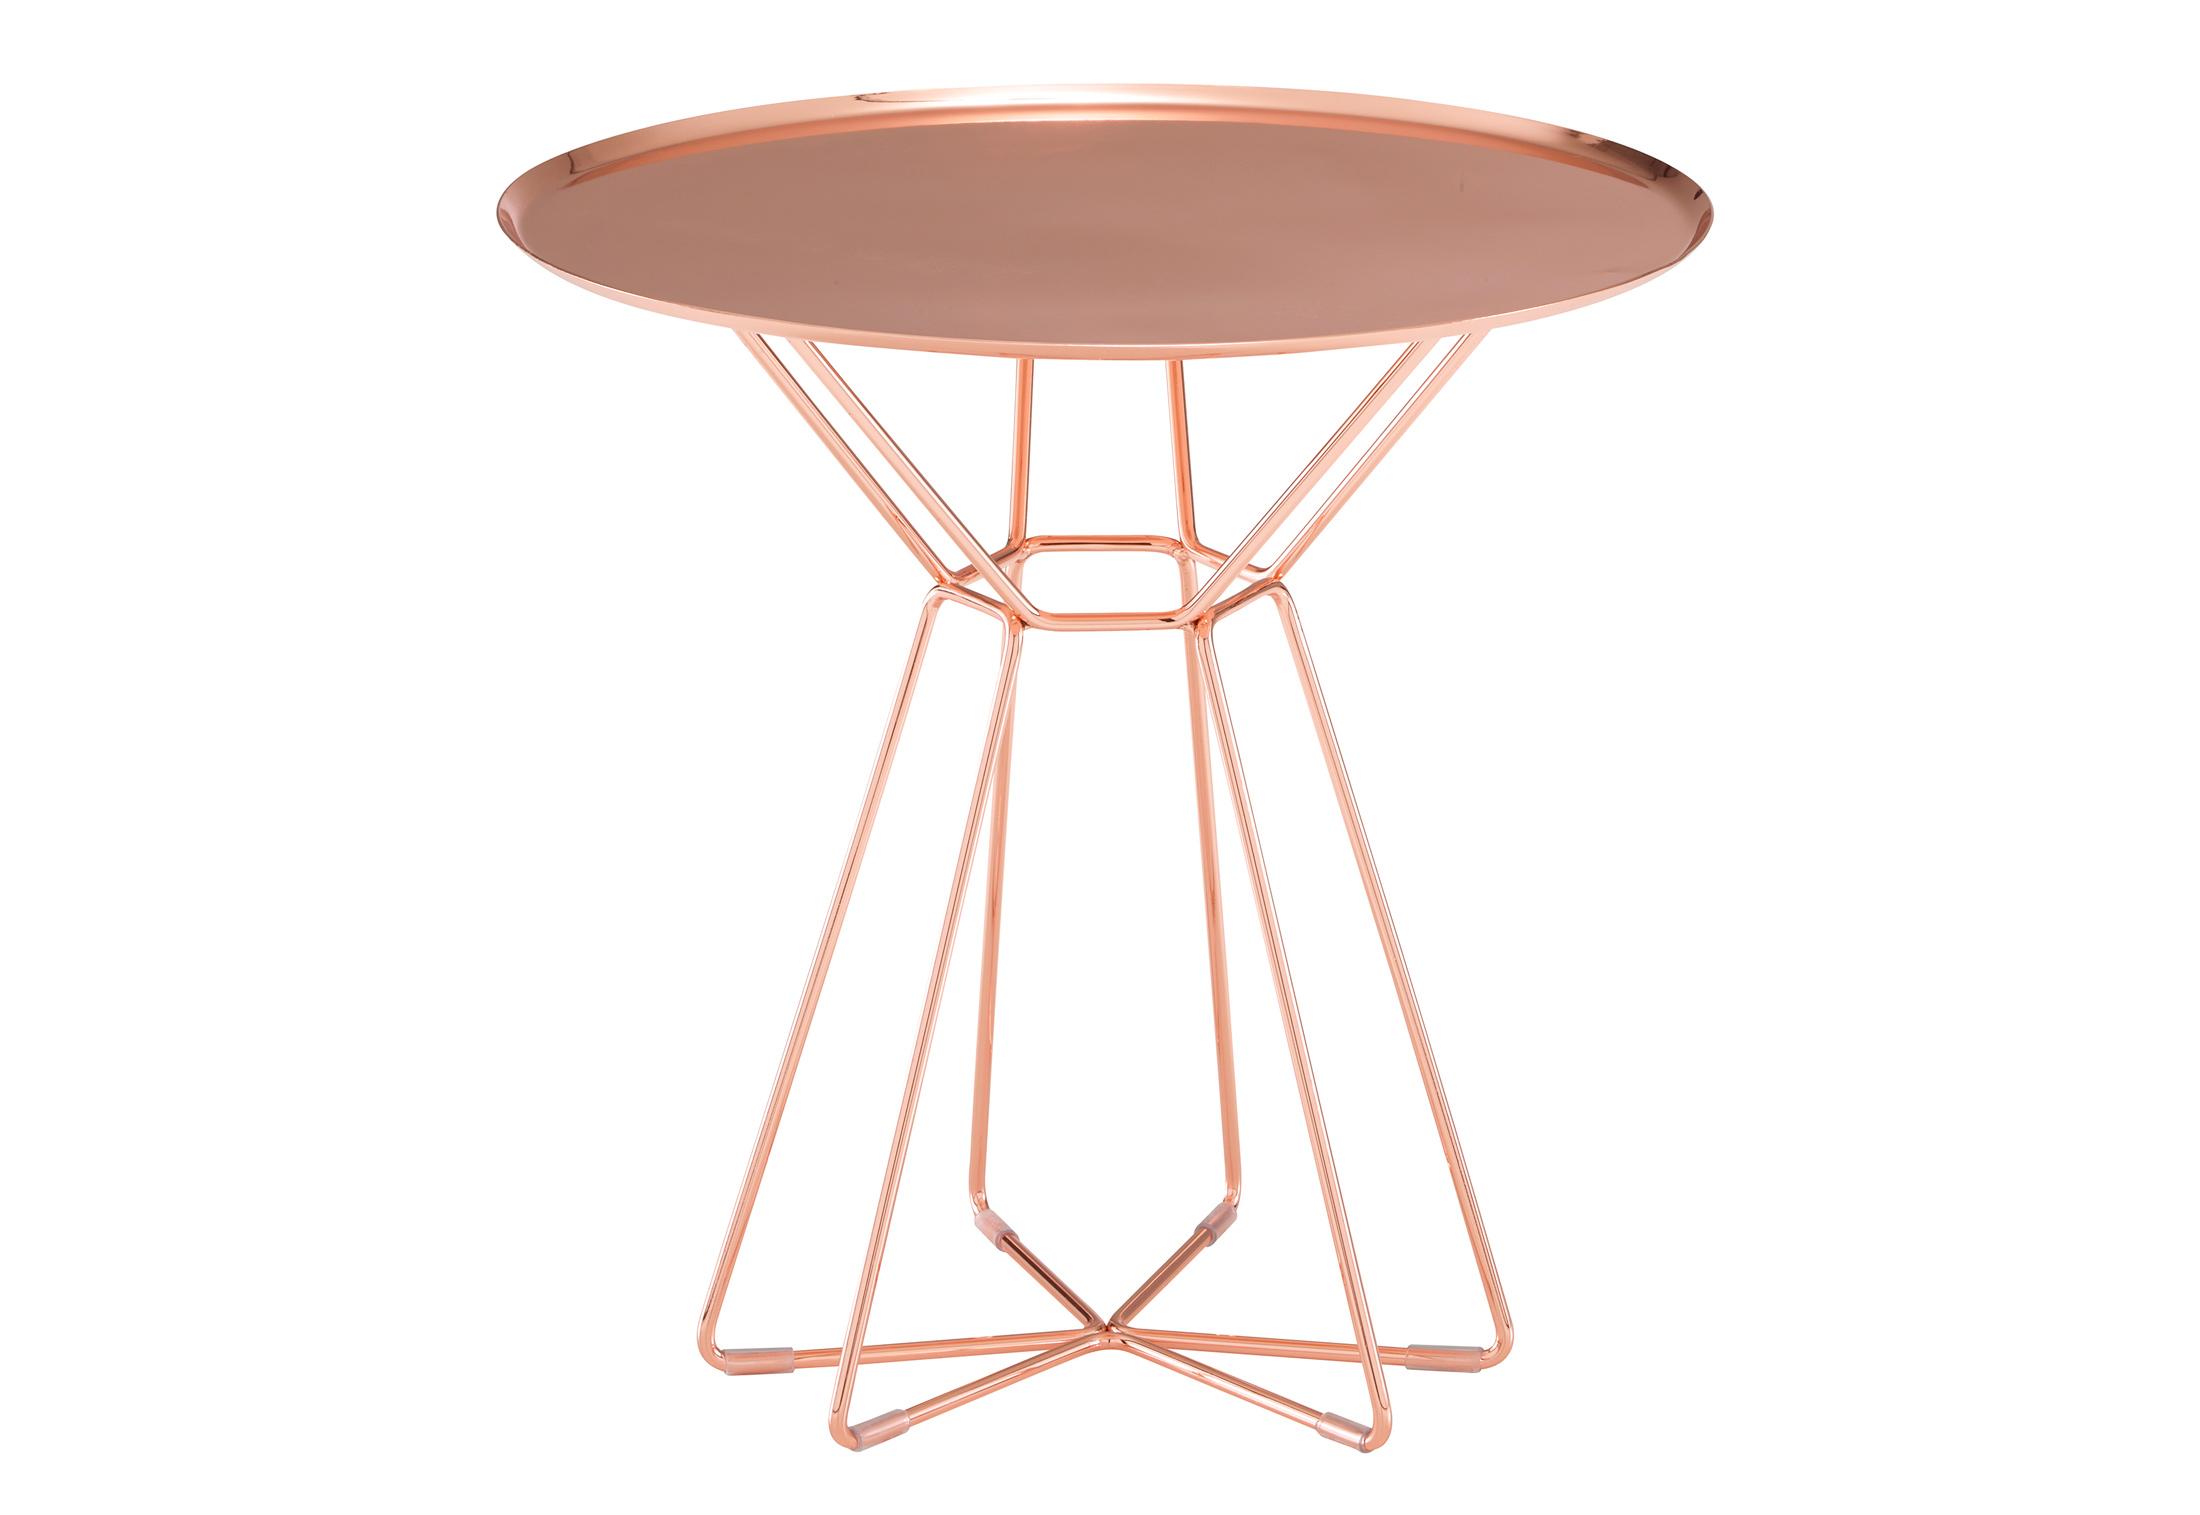 Falda side table by ligne roset stylepark - Ligne roset side table ...